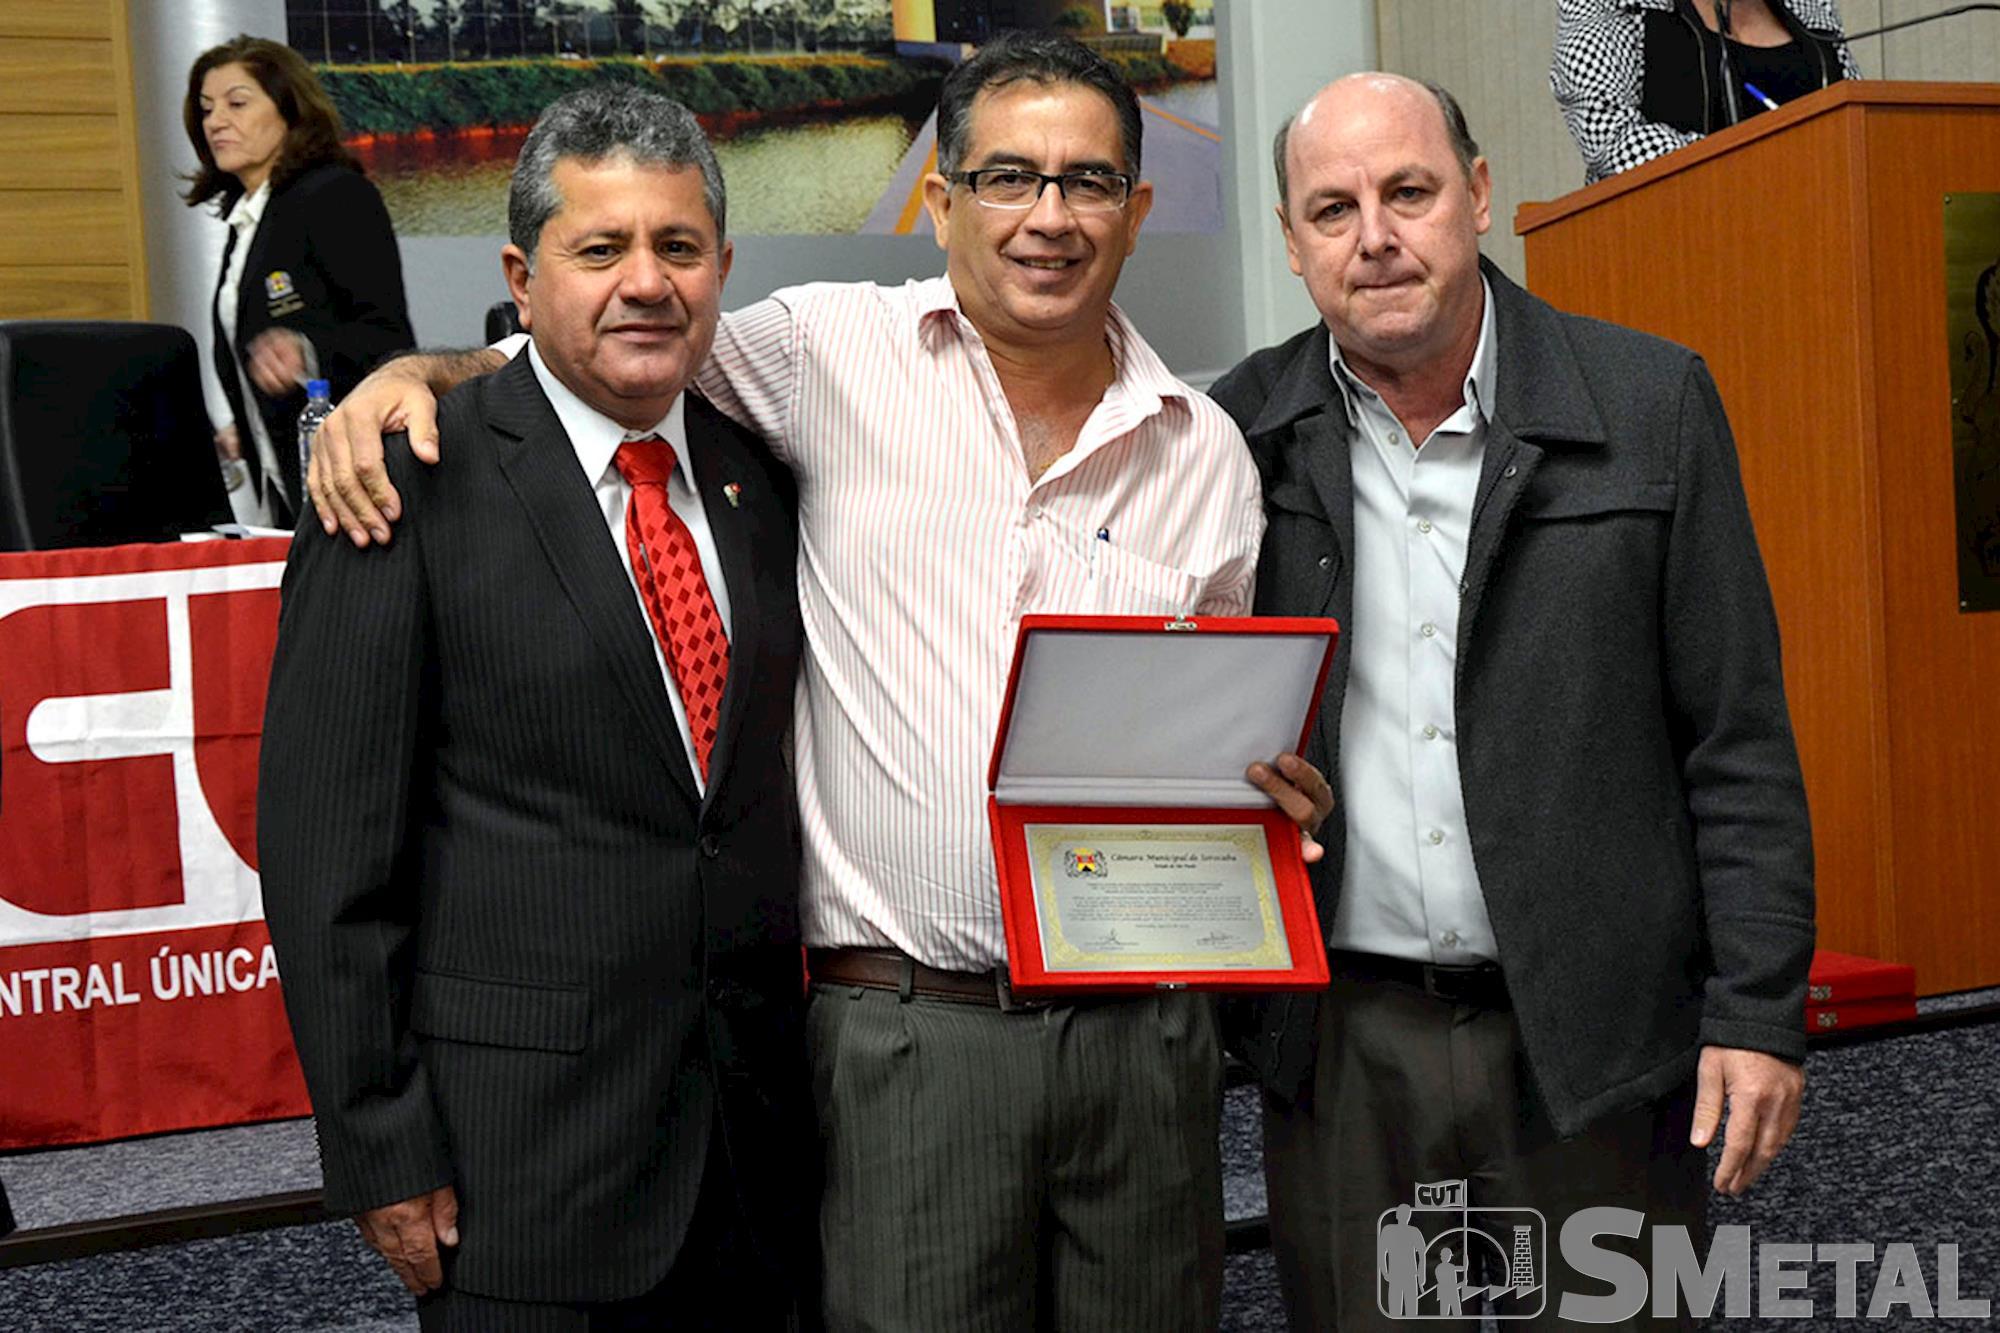 O presidente do Sindicato dos Papeleiros,  Marco Antonio de Almeida (ao centro),  recebeu placa comemorativa dos 30 anos da CUT do vereador Izídio e do , Sessão Solene na Câmara de Sorocaba comemora 30 anos de CUT